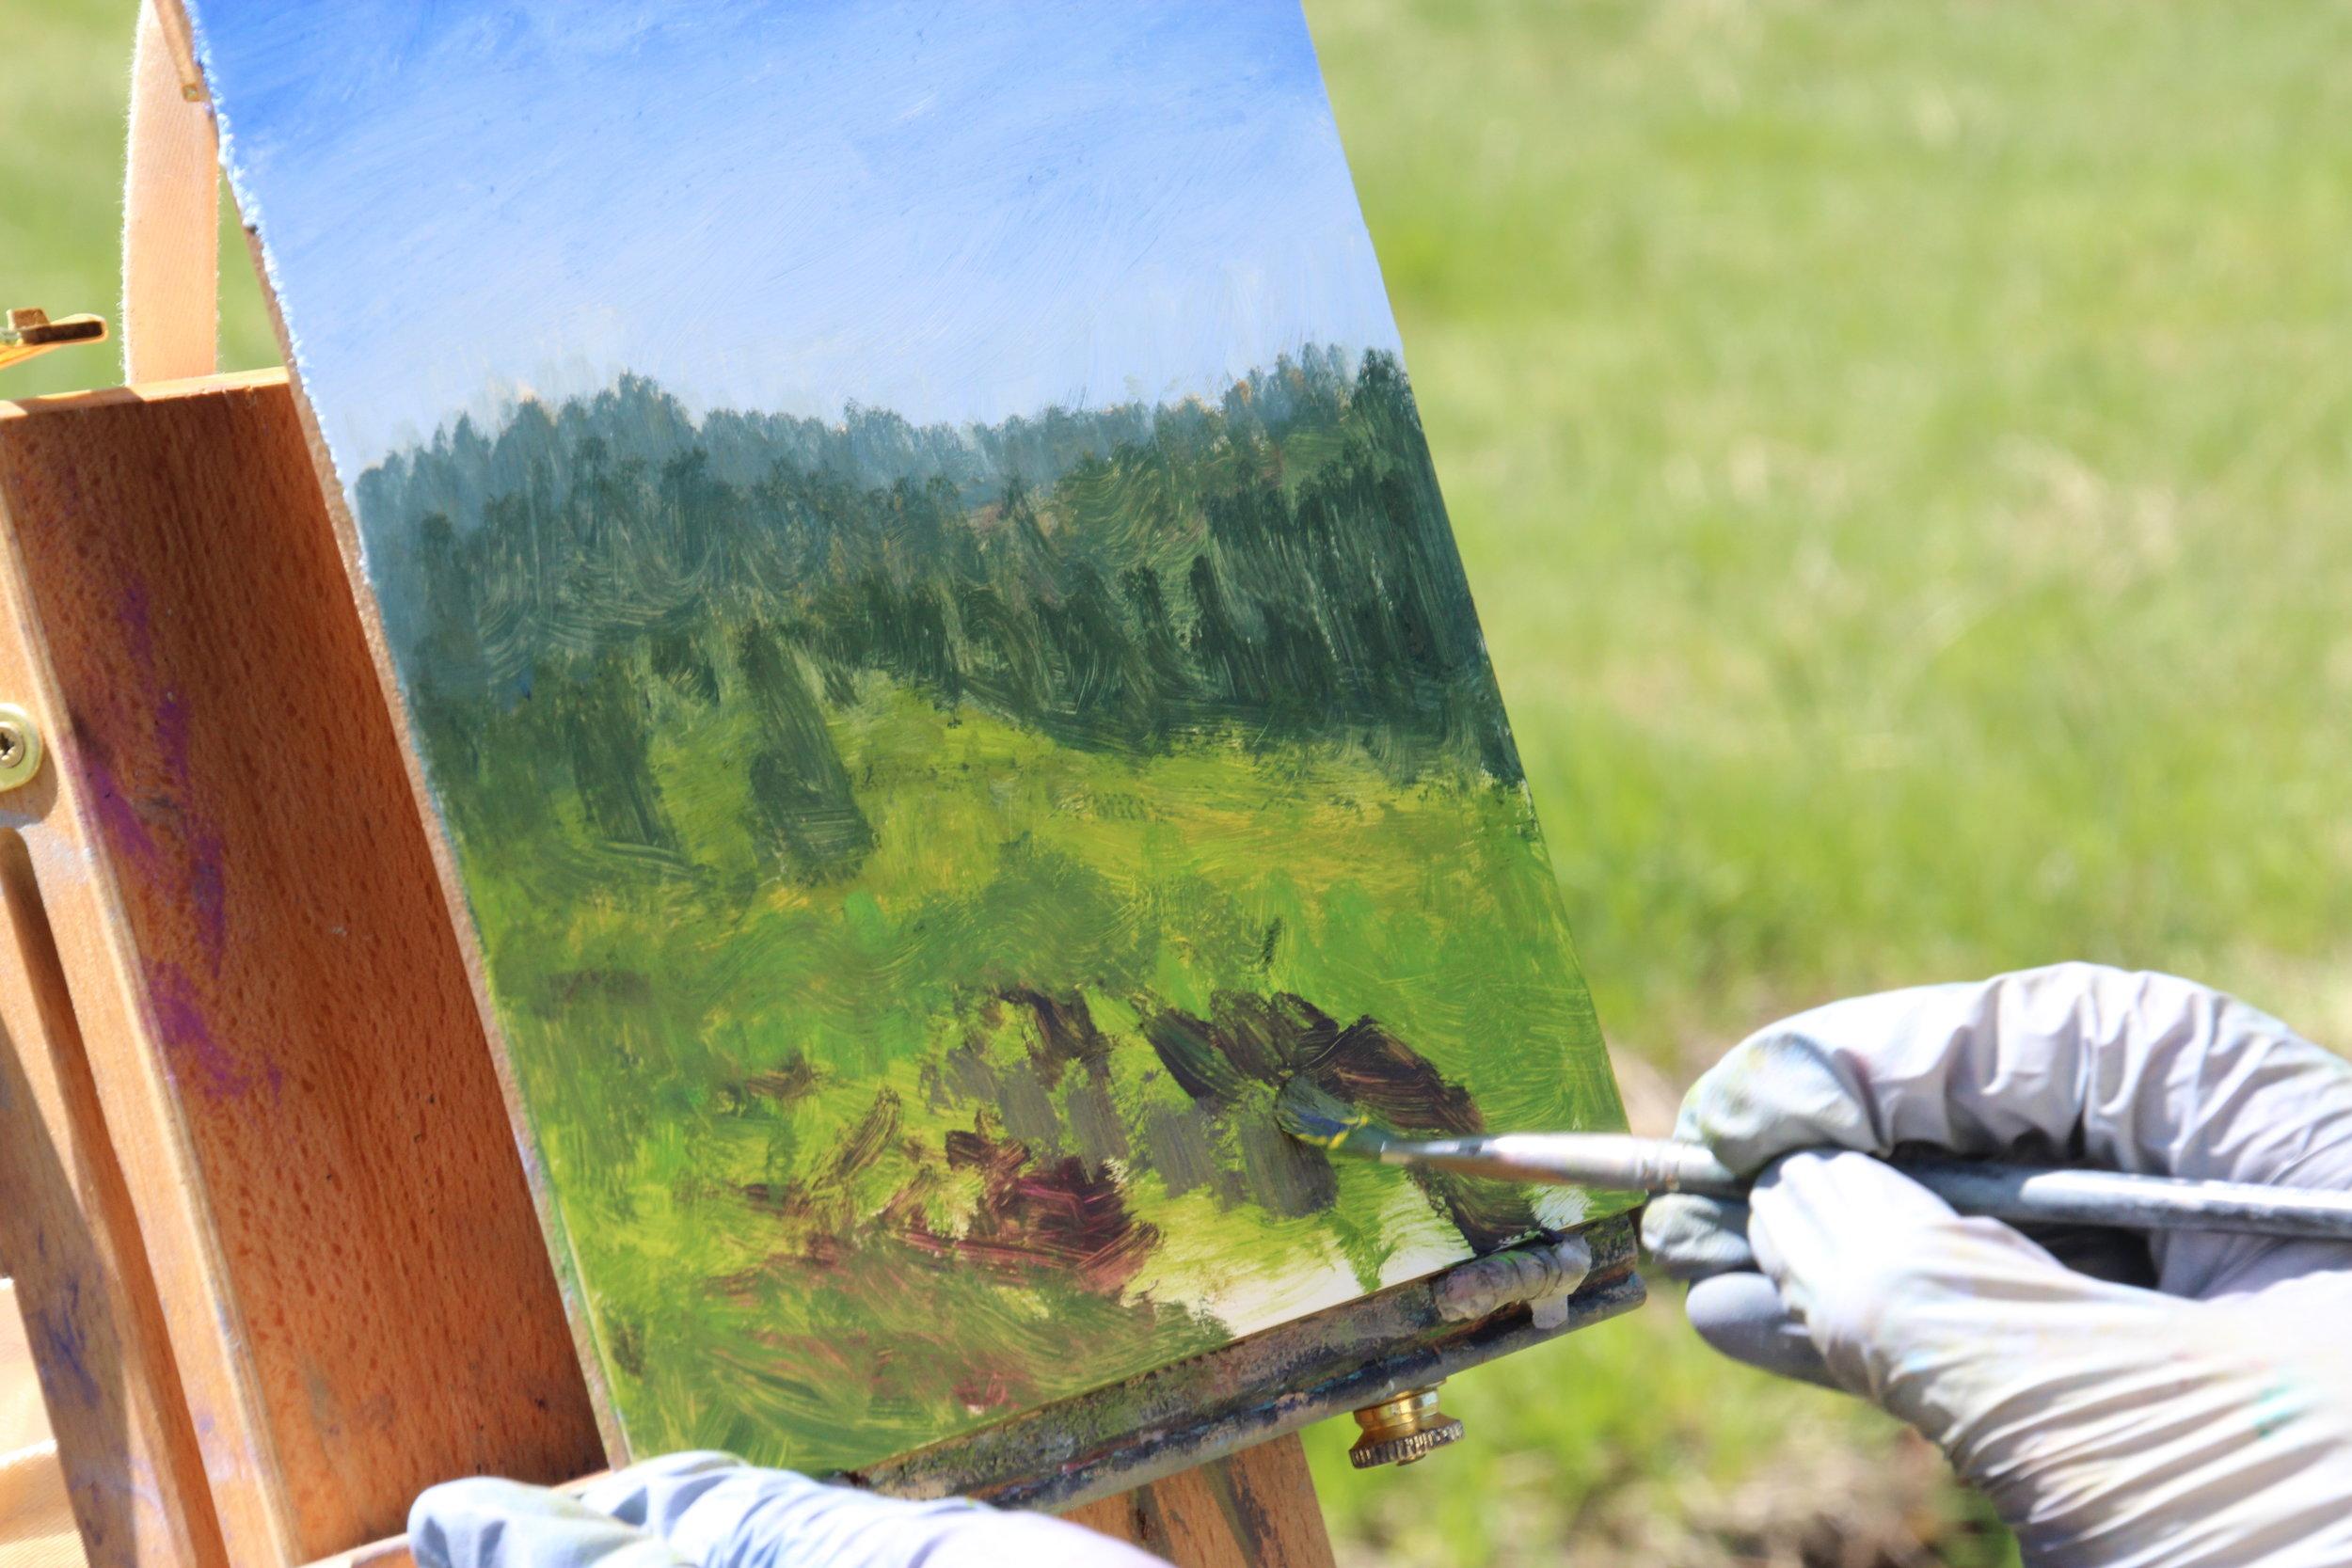 painting in progress by Diamond Ferraiuolo